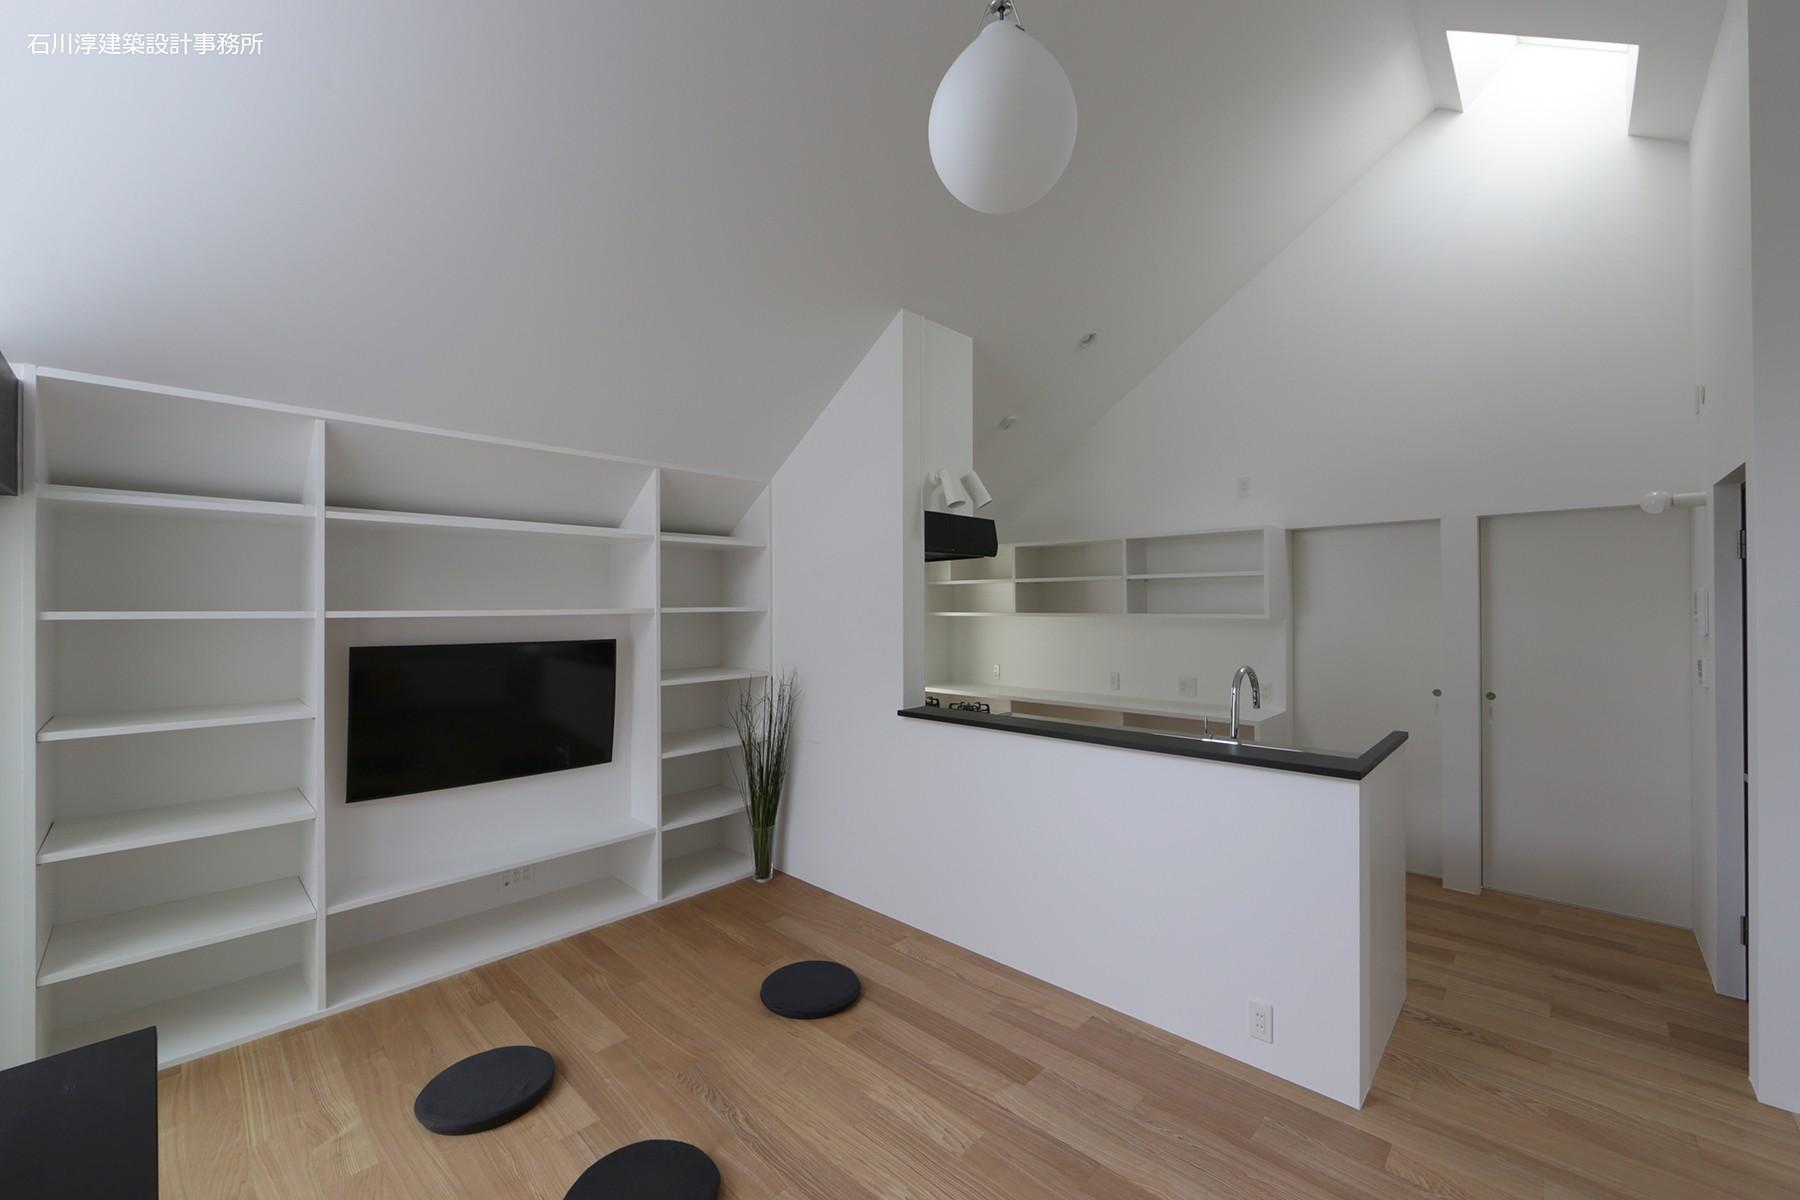 リビングダイニング事例:キッチン背面の2つの入り口(杉並 ちいさな仕事室のある家)